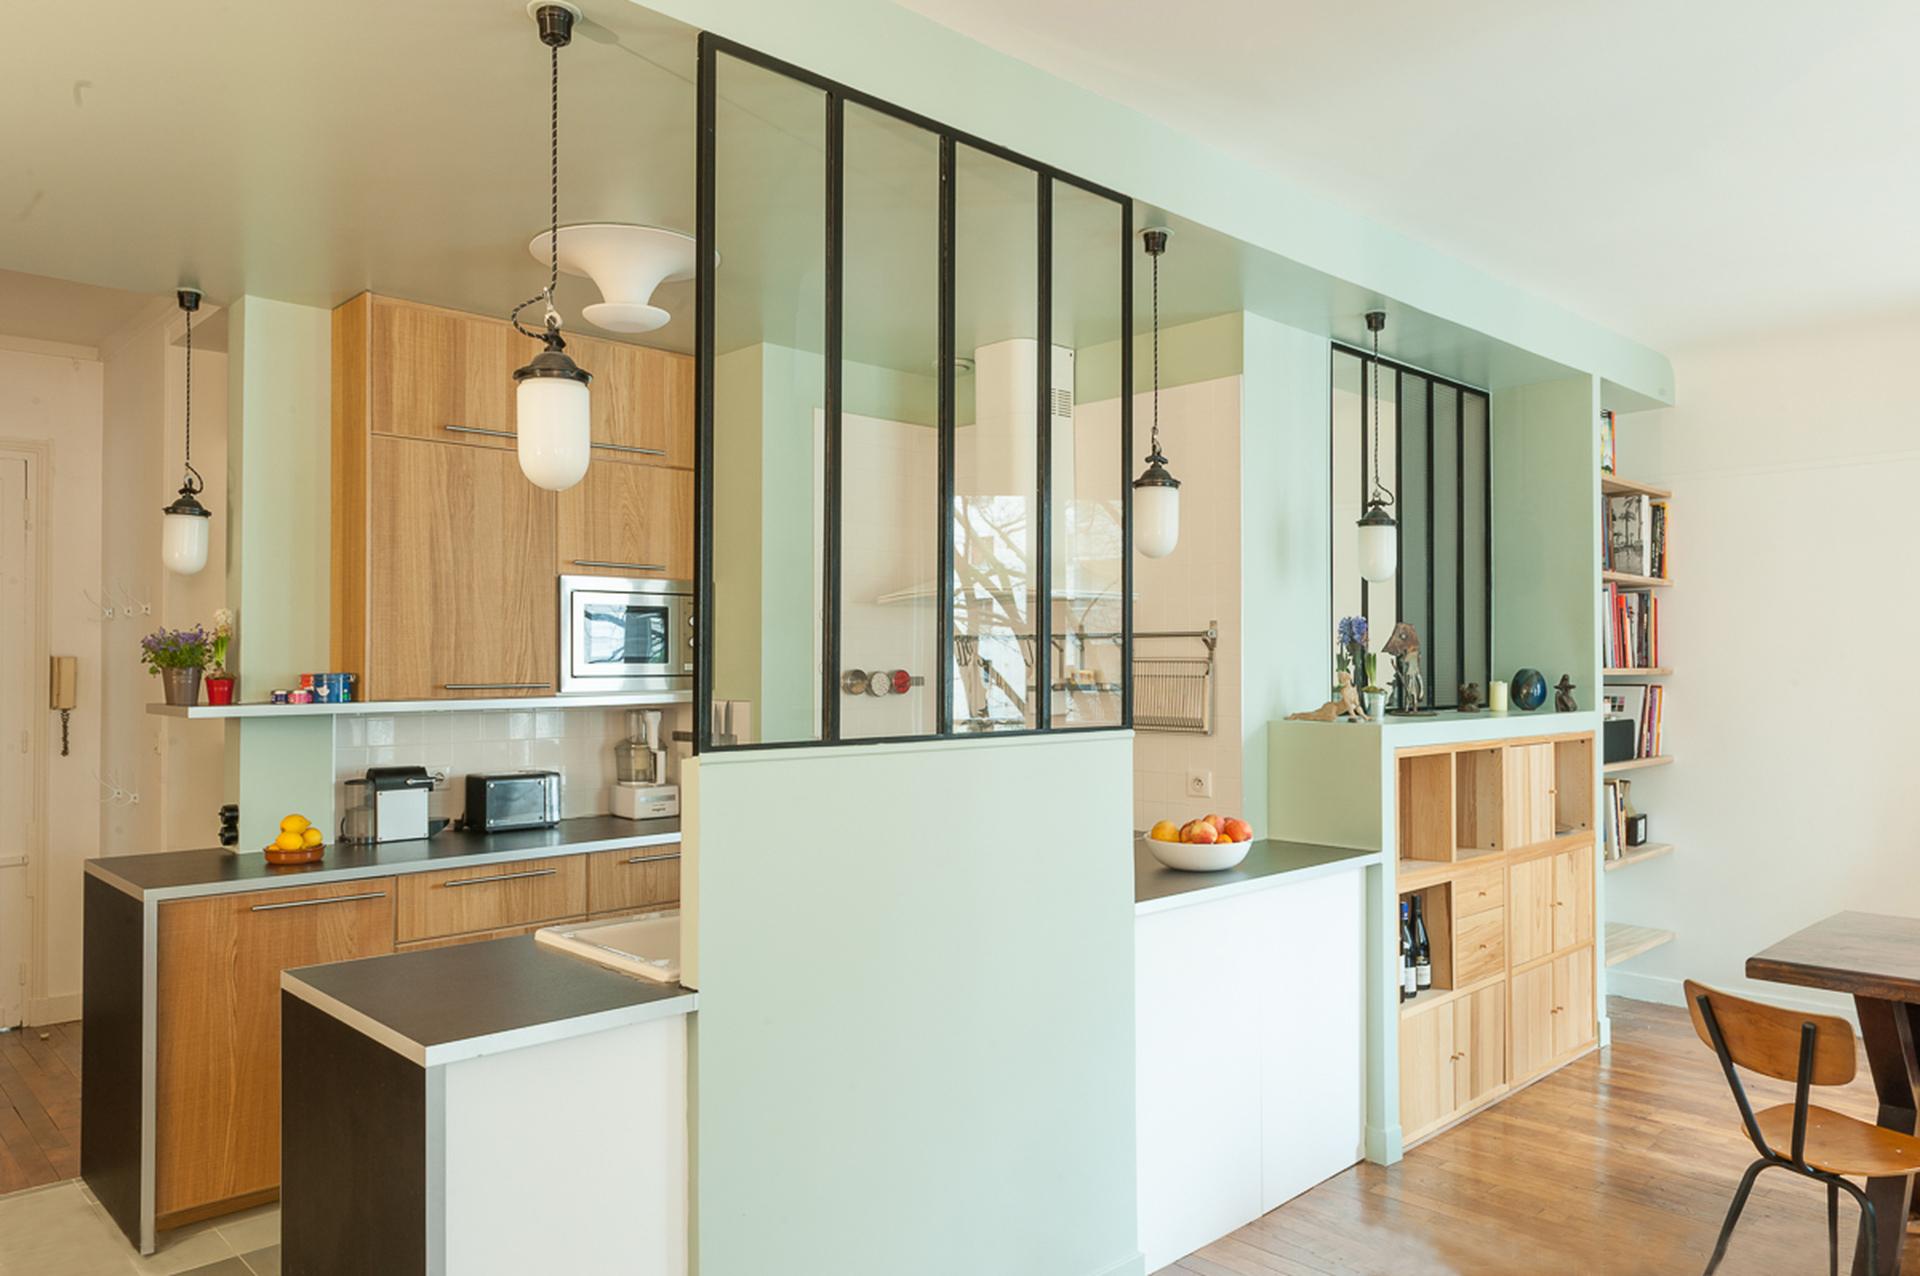 La filosof a de las cocinas abiertas interiores chic for Cocinas abiertas al comedor